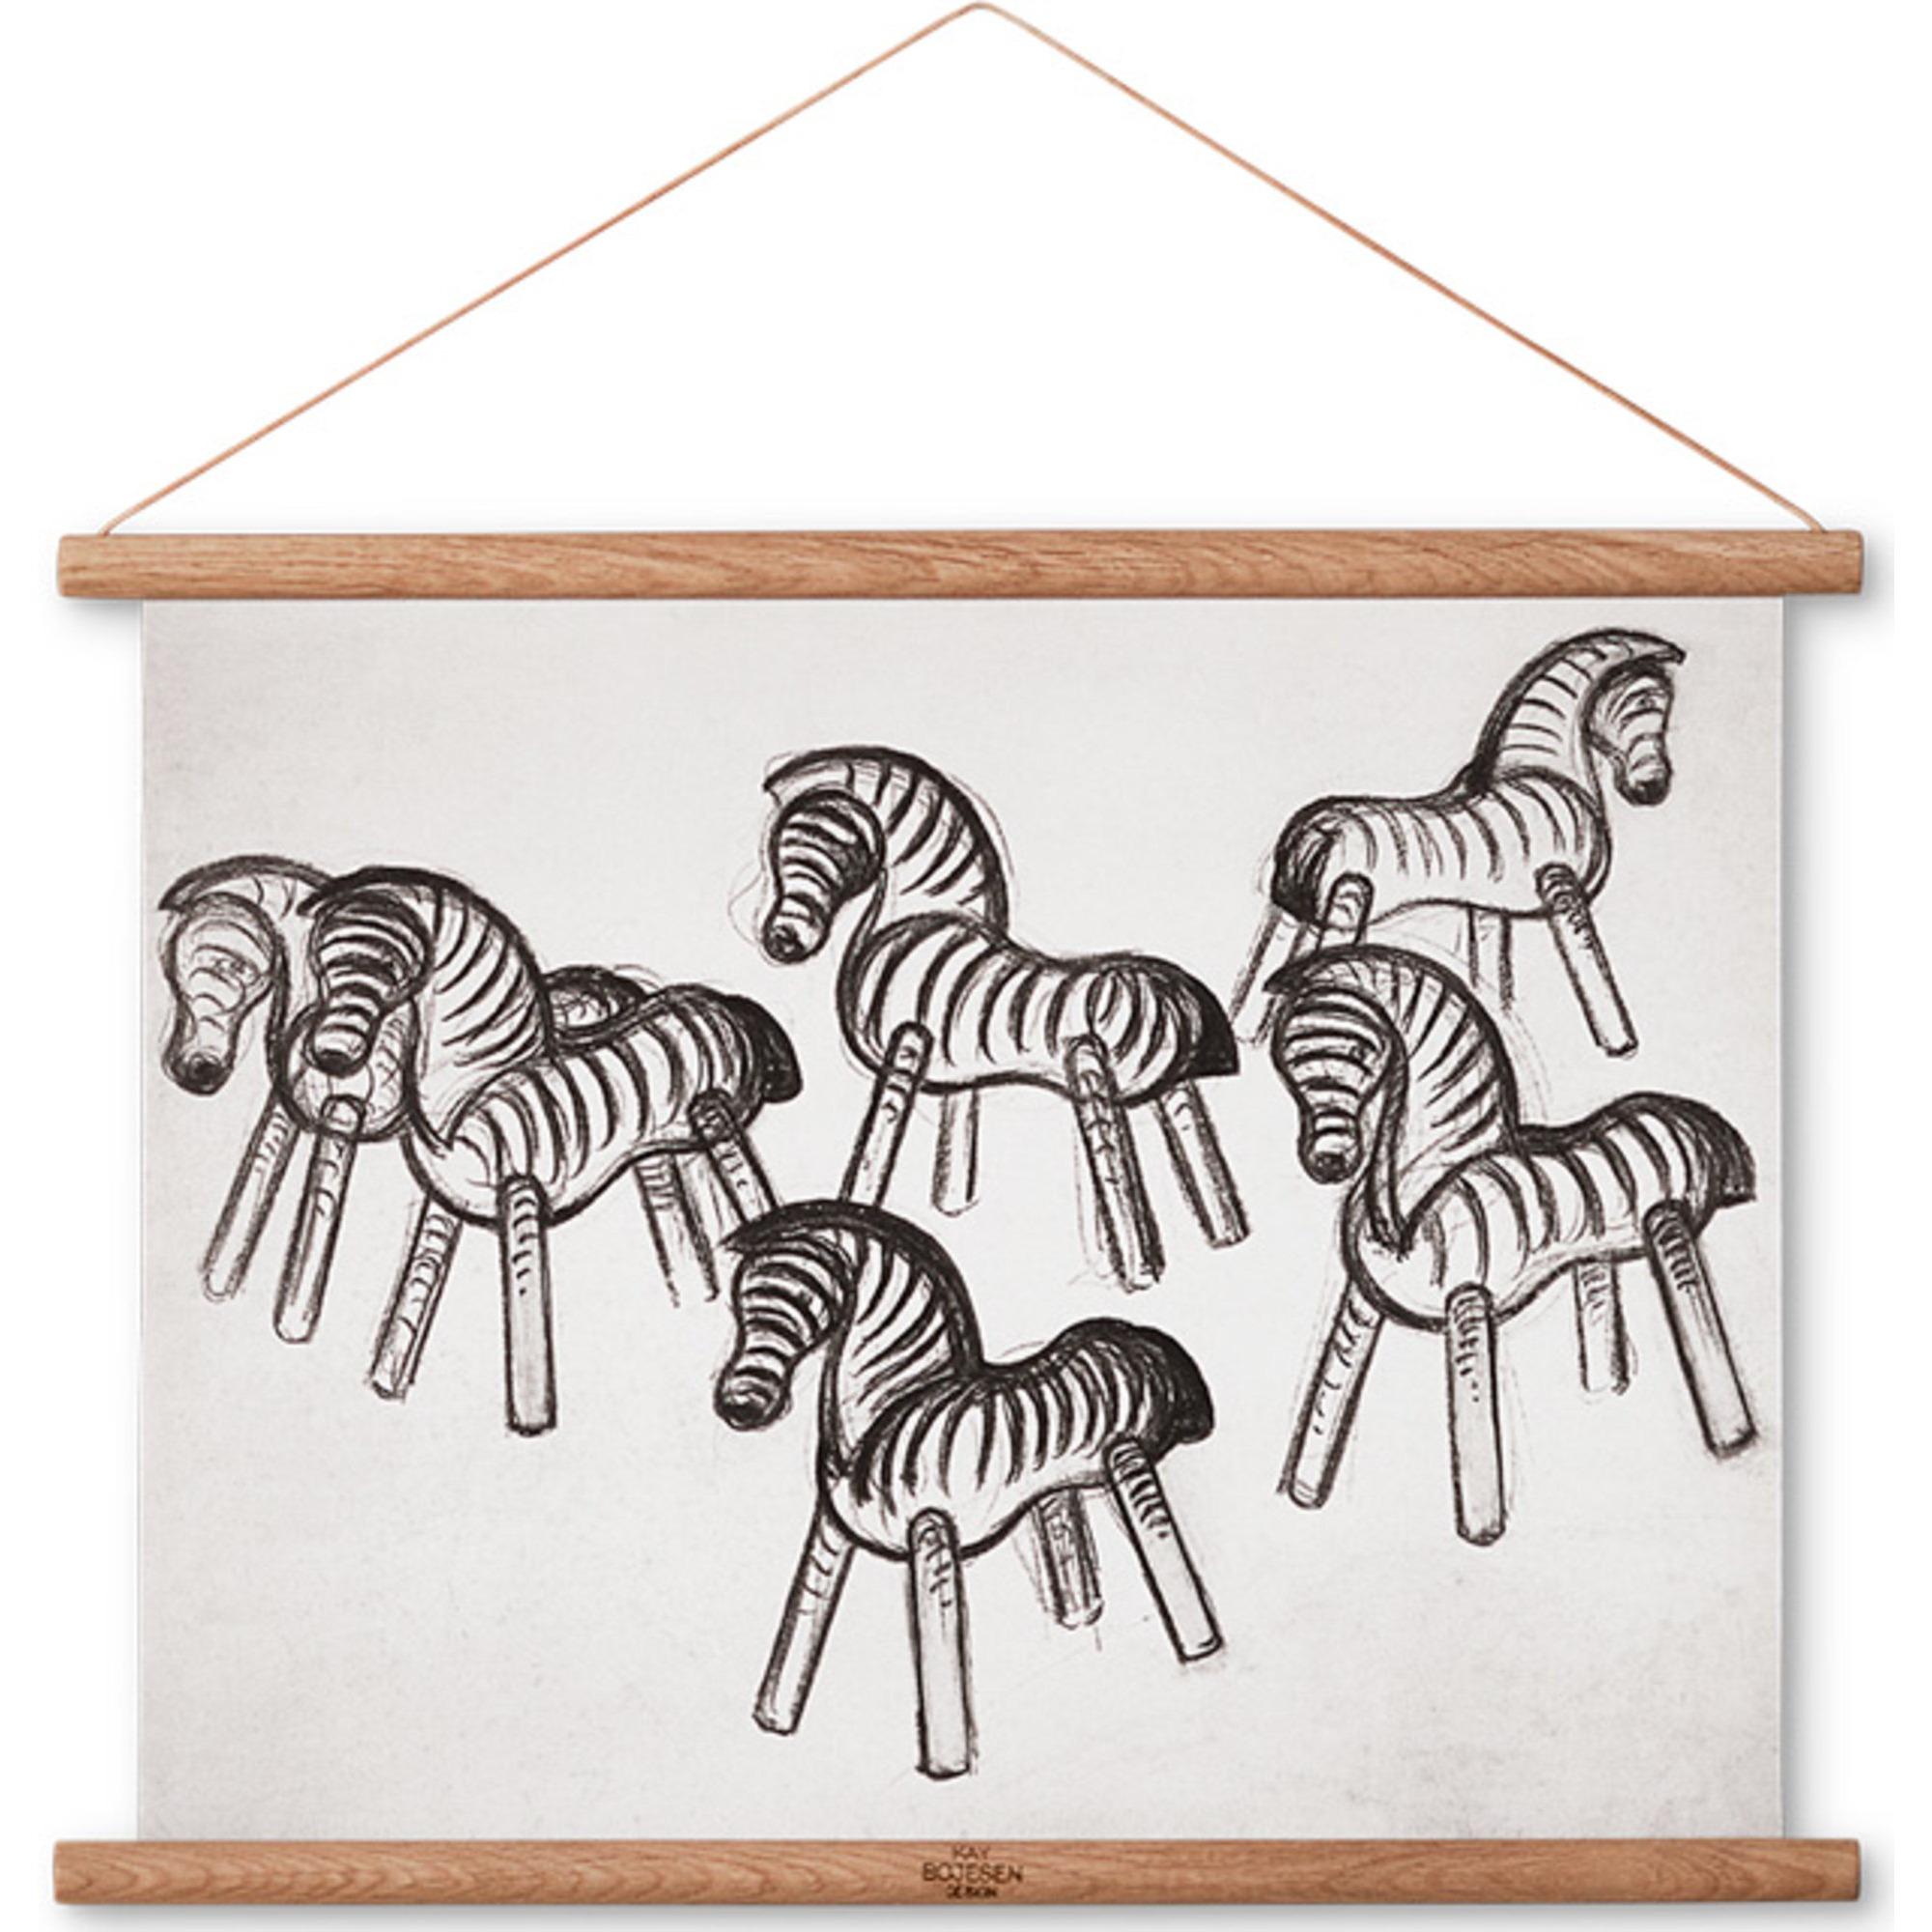 Kay Bojesen Zebra ritning 40 x 30 cm.